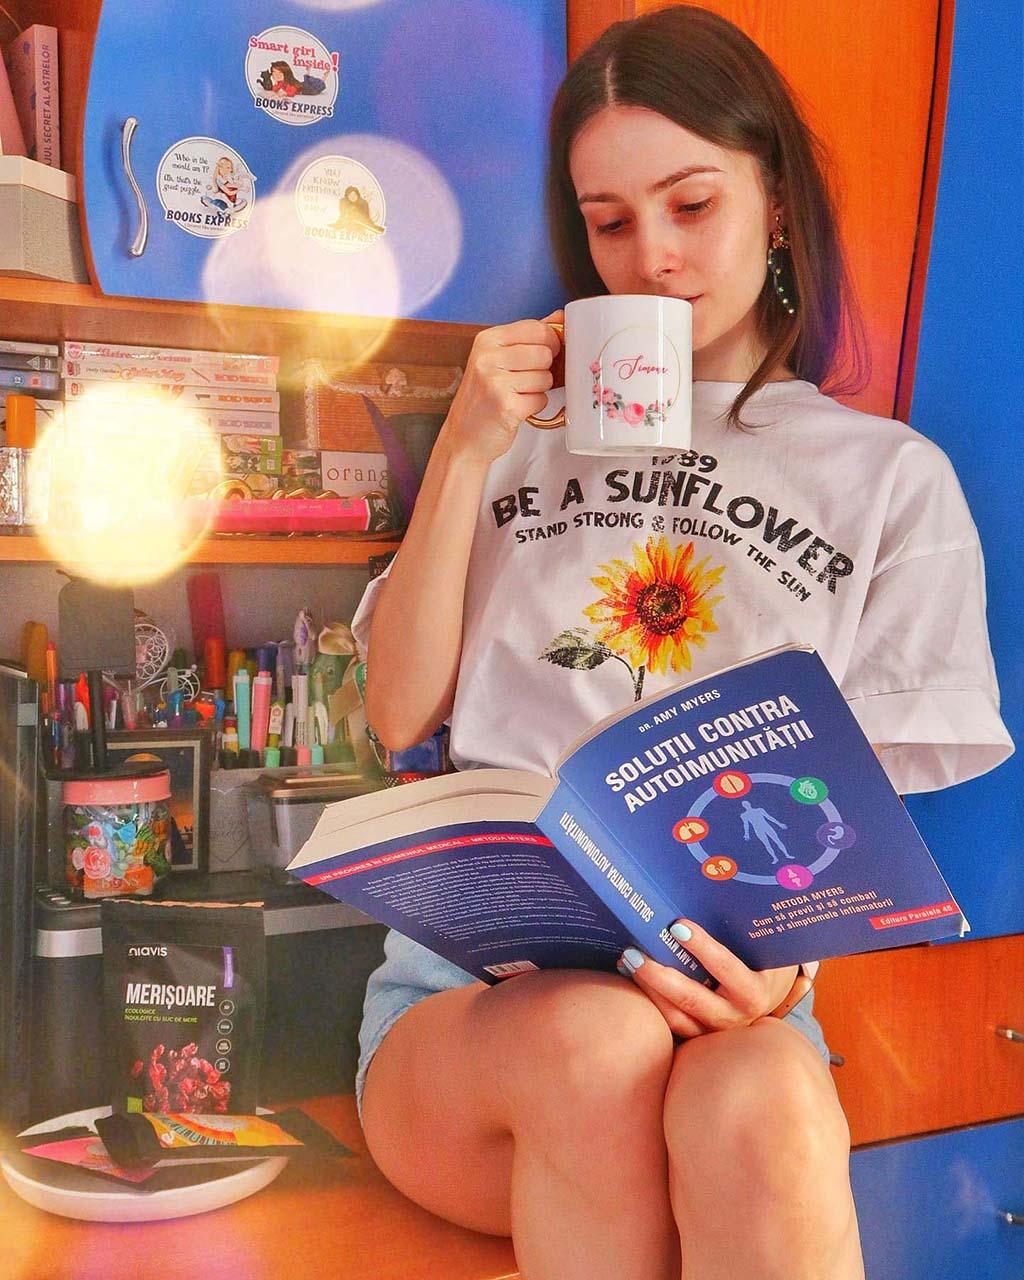 libris carti carte solutii contra autoimunitatii sanatate nivans ceai merisoare